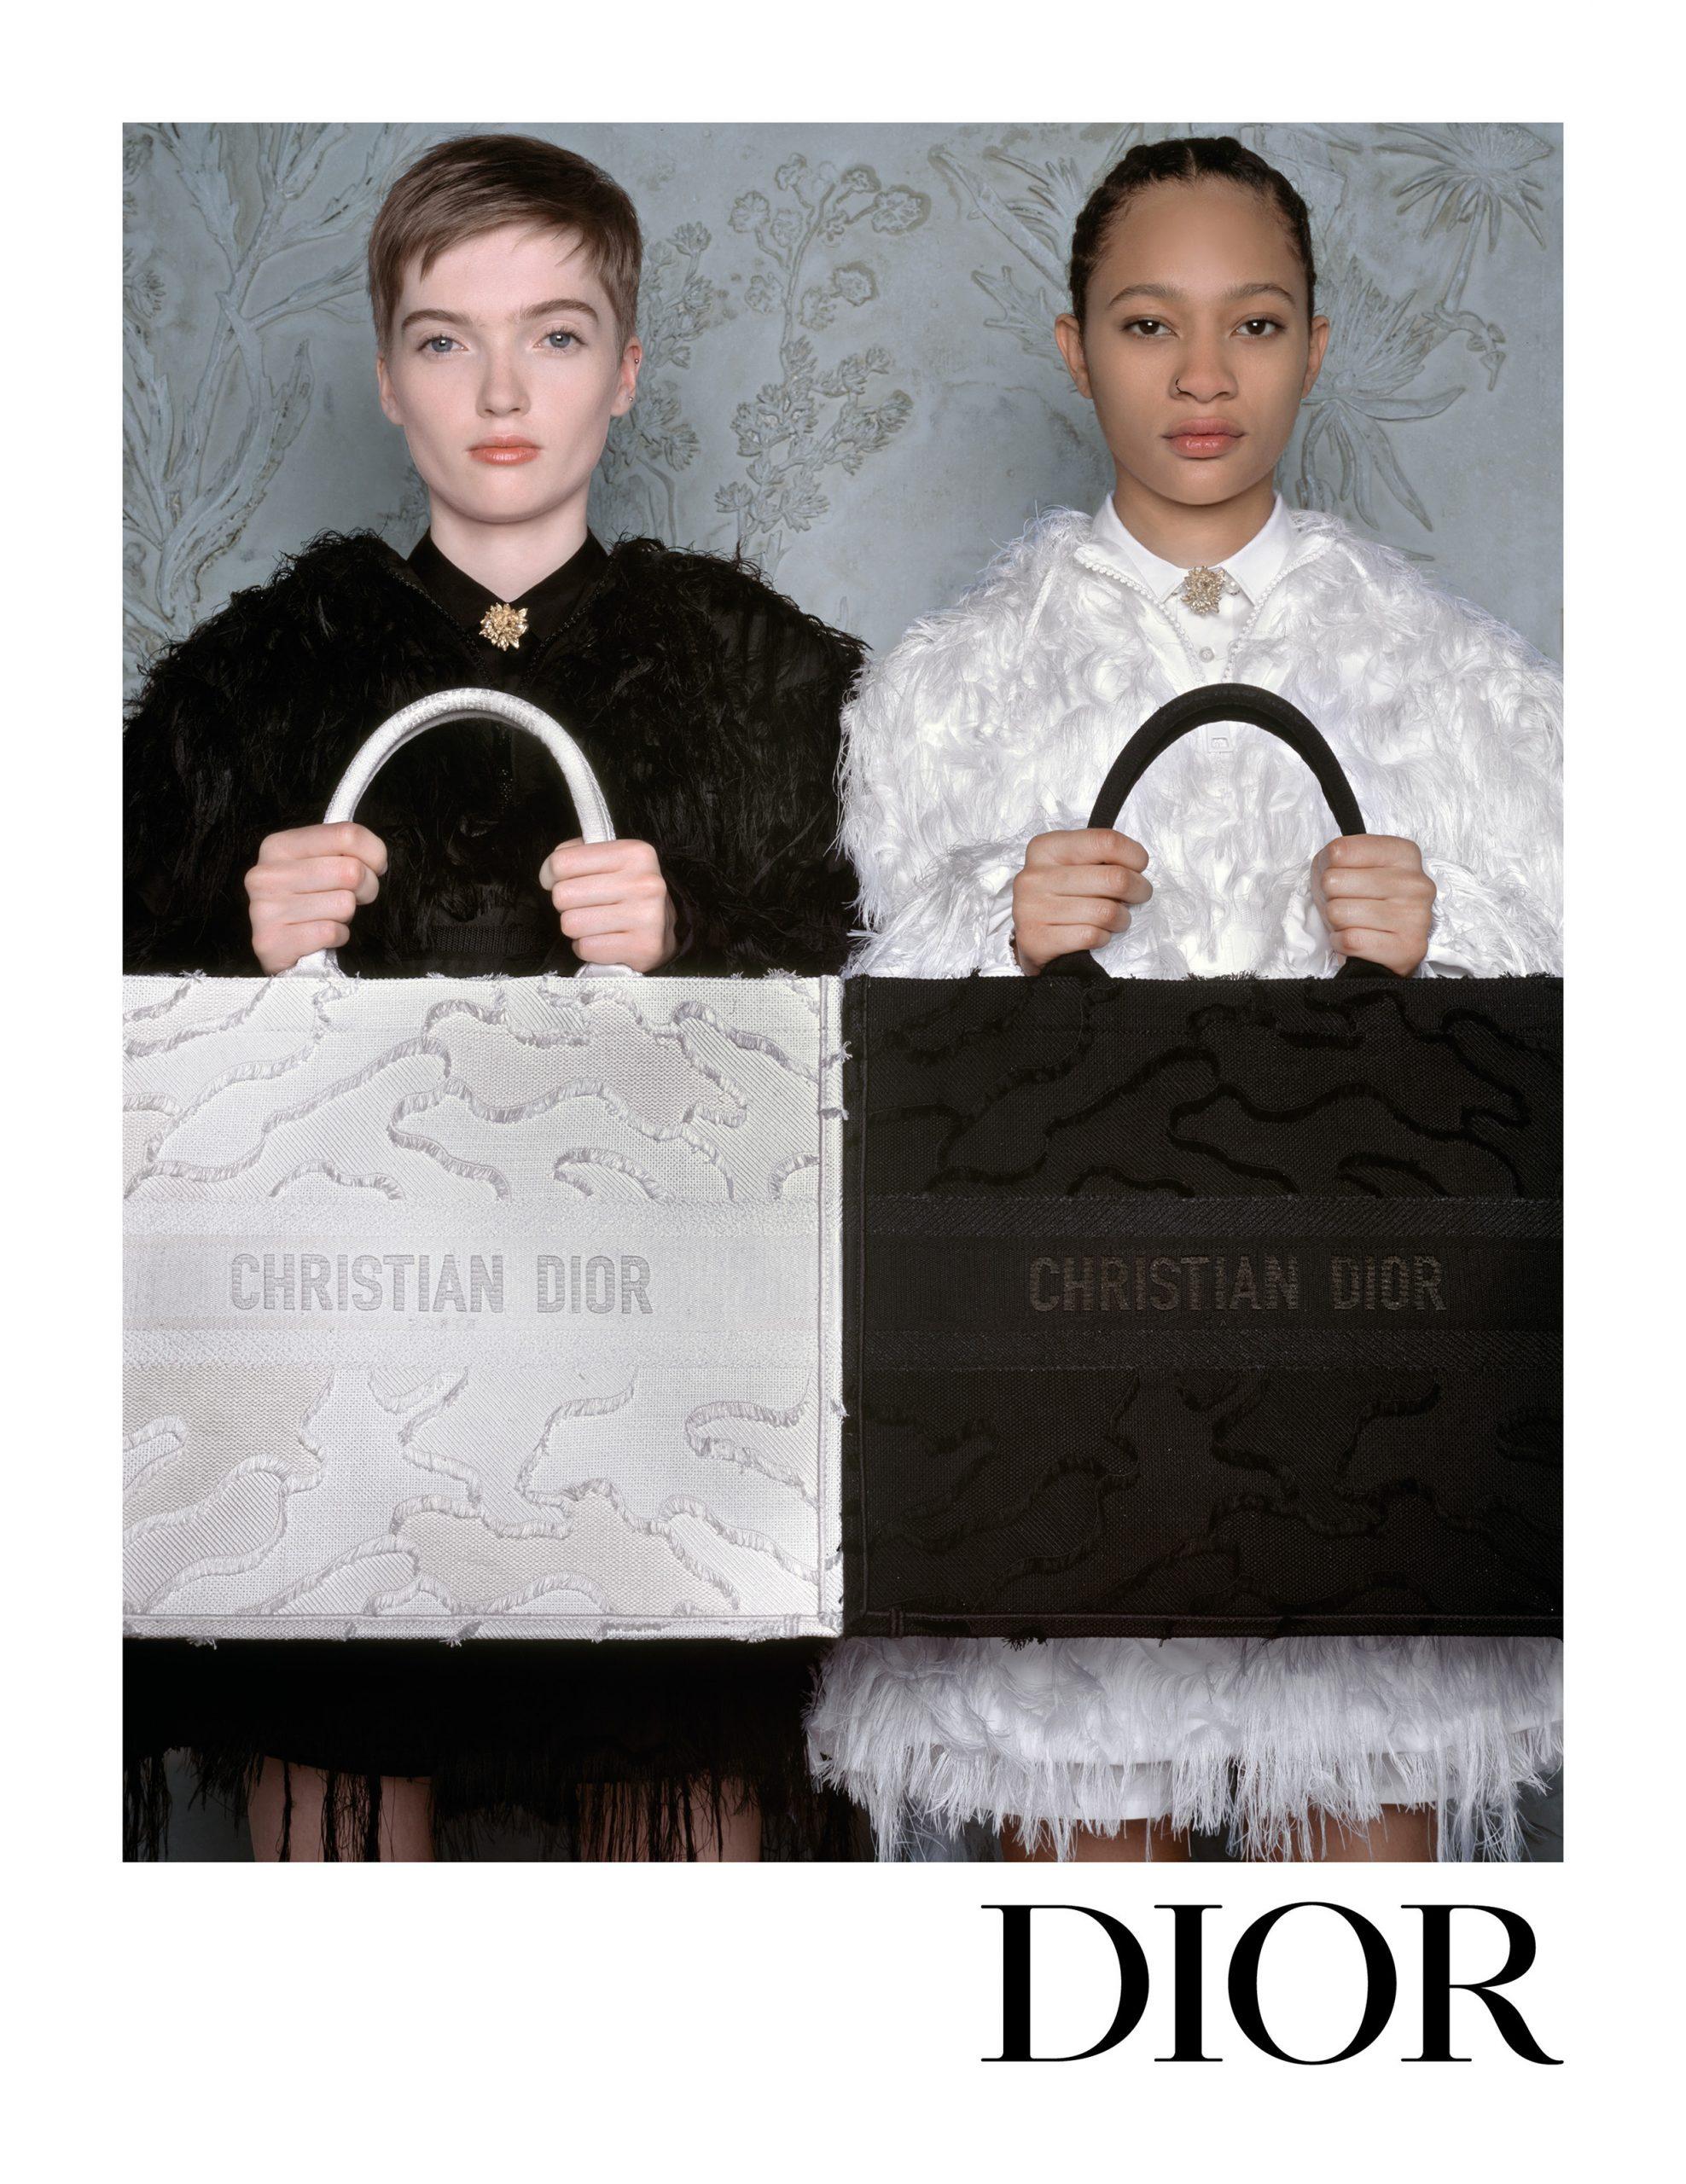 Dior Spring 2020 Fashion Ad Campaign